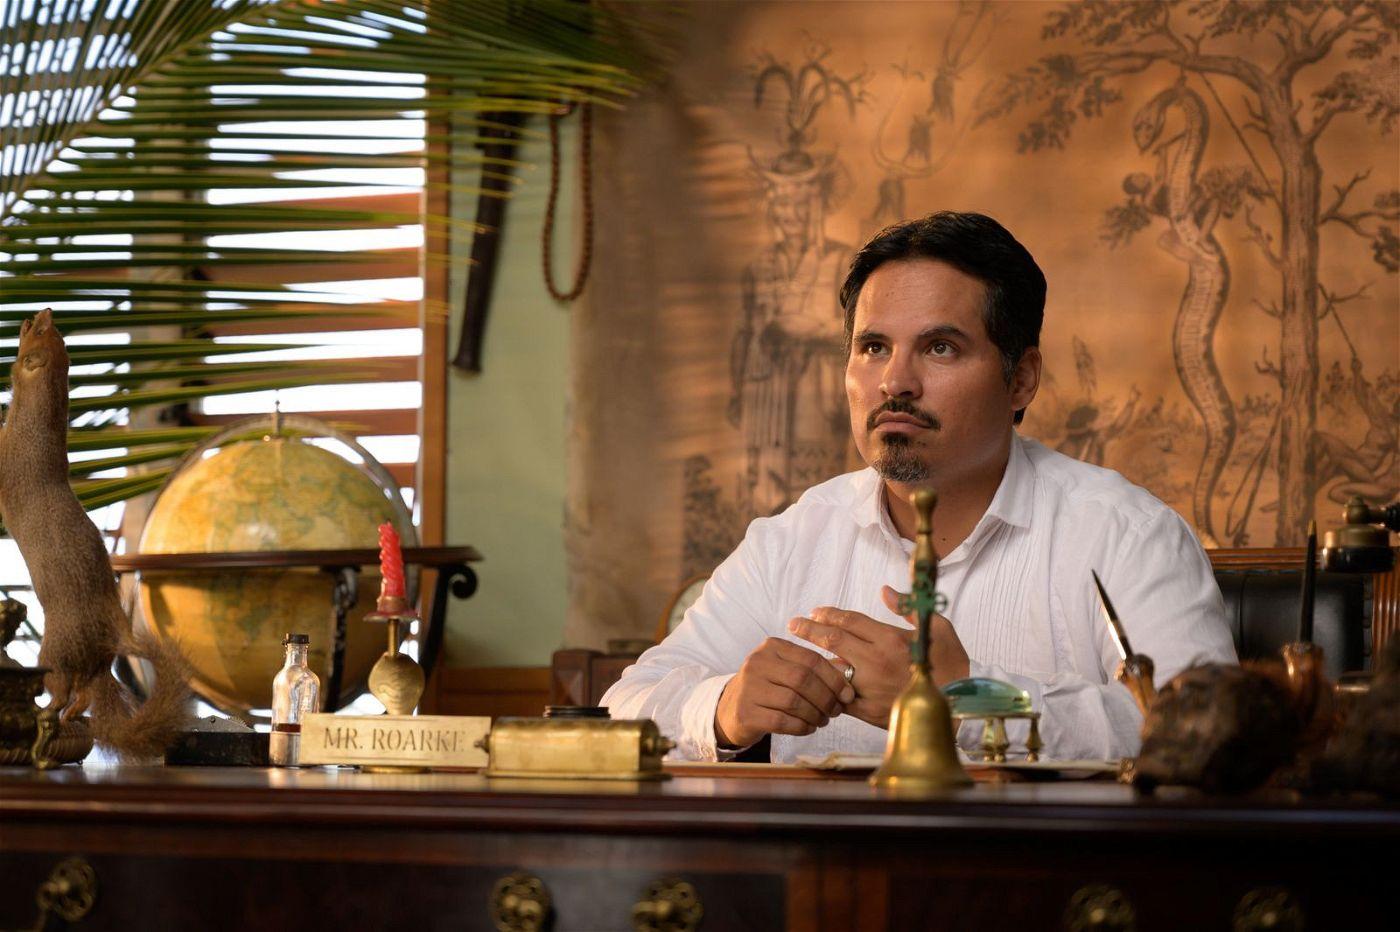 Der mysteriöse Hoteldirektor Mr. Roarke (Michael Peña) erfüllt seinen Besuchern ihren Wunsch - ob sie wollen oder nicht.